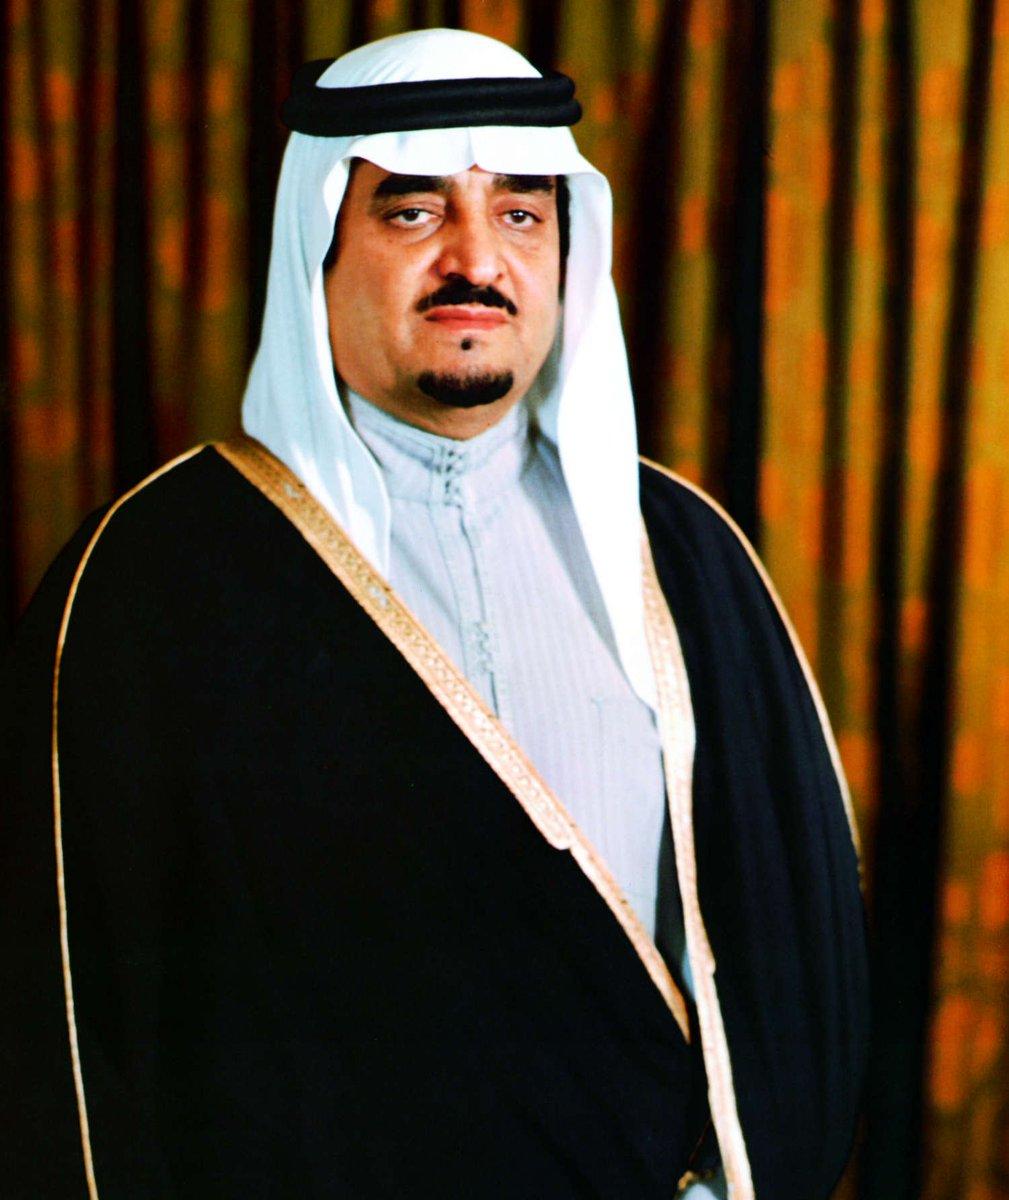 الفهد روح القيادة على تويتر في مثل هذا اليوم 1 8 2005م أعلن الديوان الملكي في السعودية وفاة الملك فهد بن عبدالعزيز آل سعود رحمه الله ذكرى وفاة الملك فهد Https T Co Morbsh3tlz